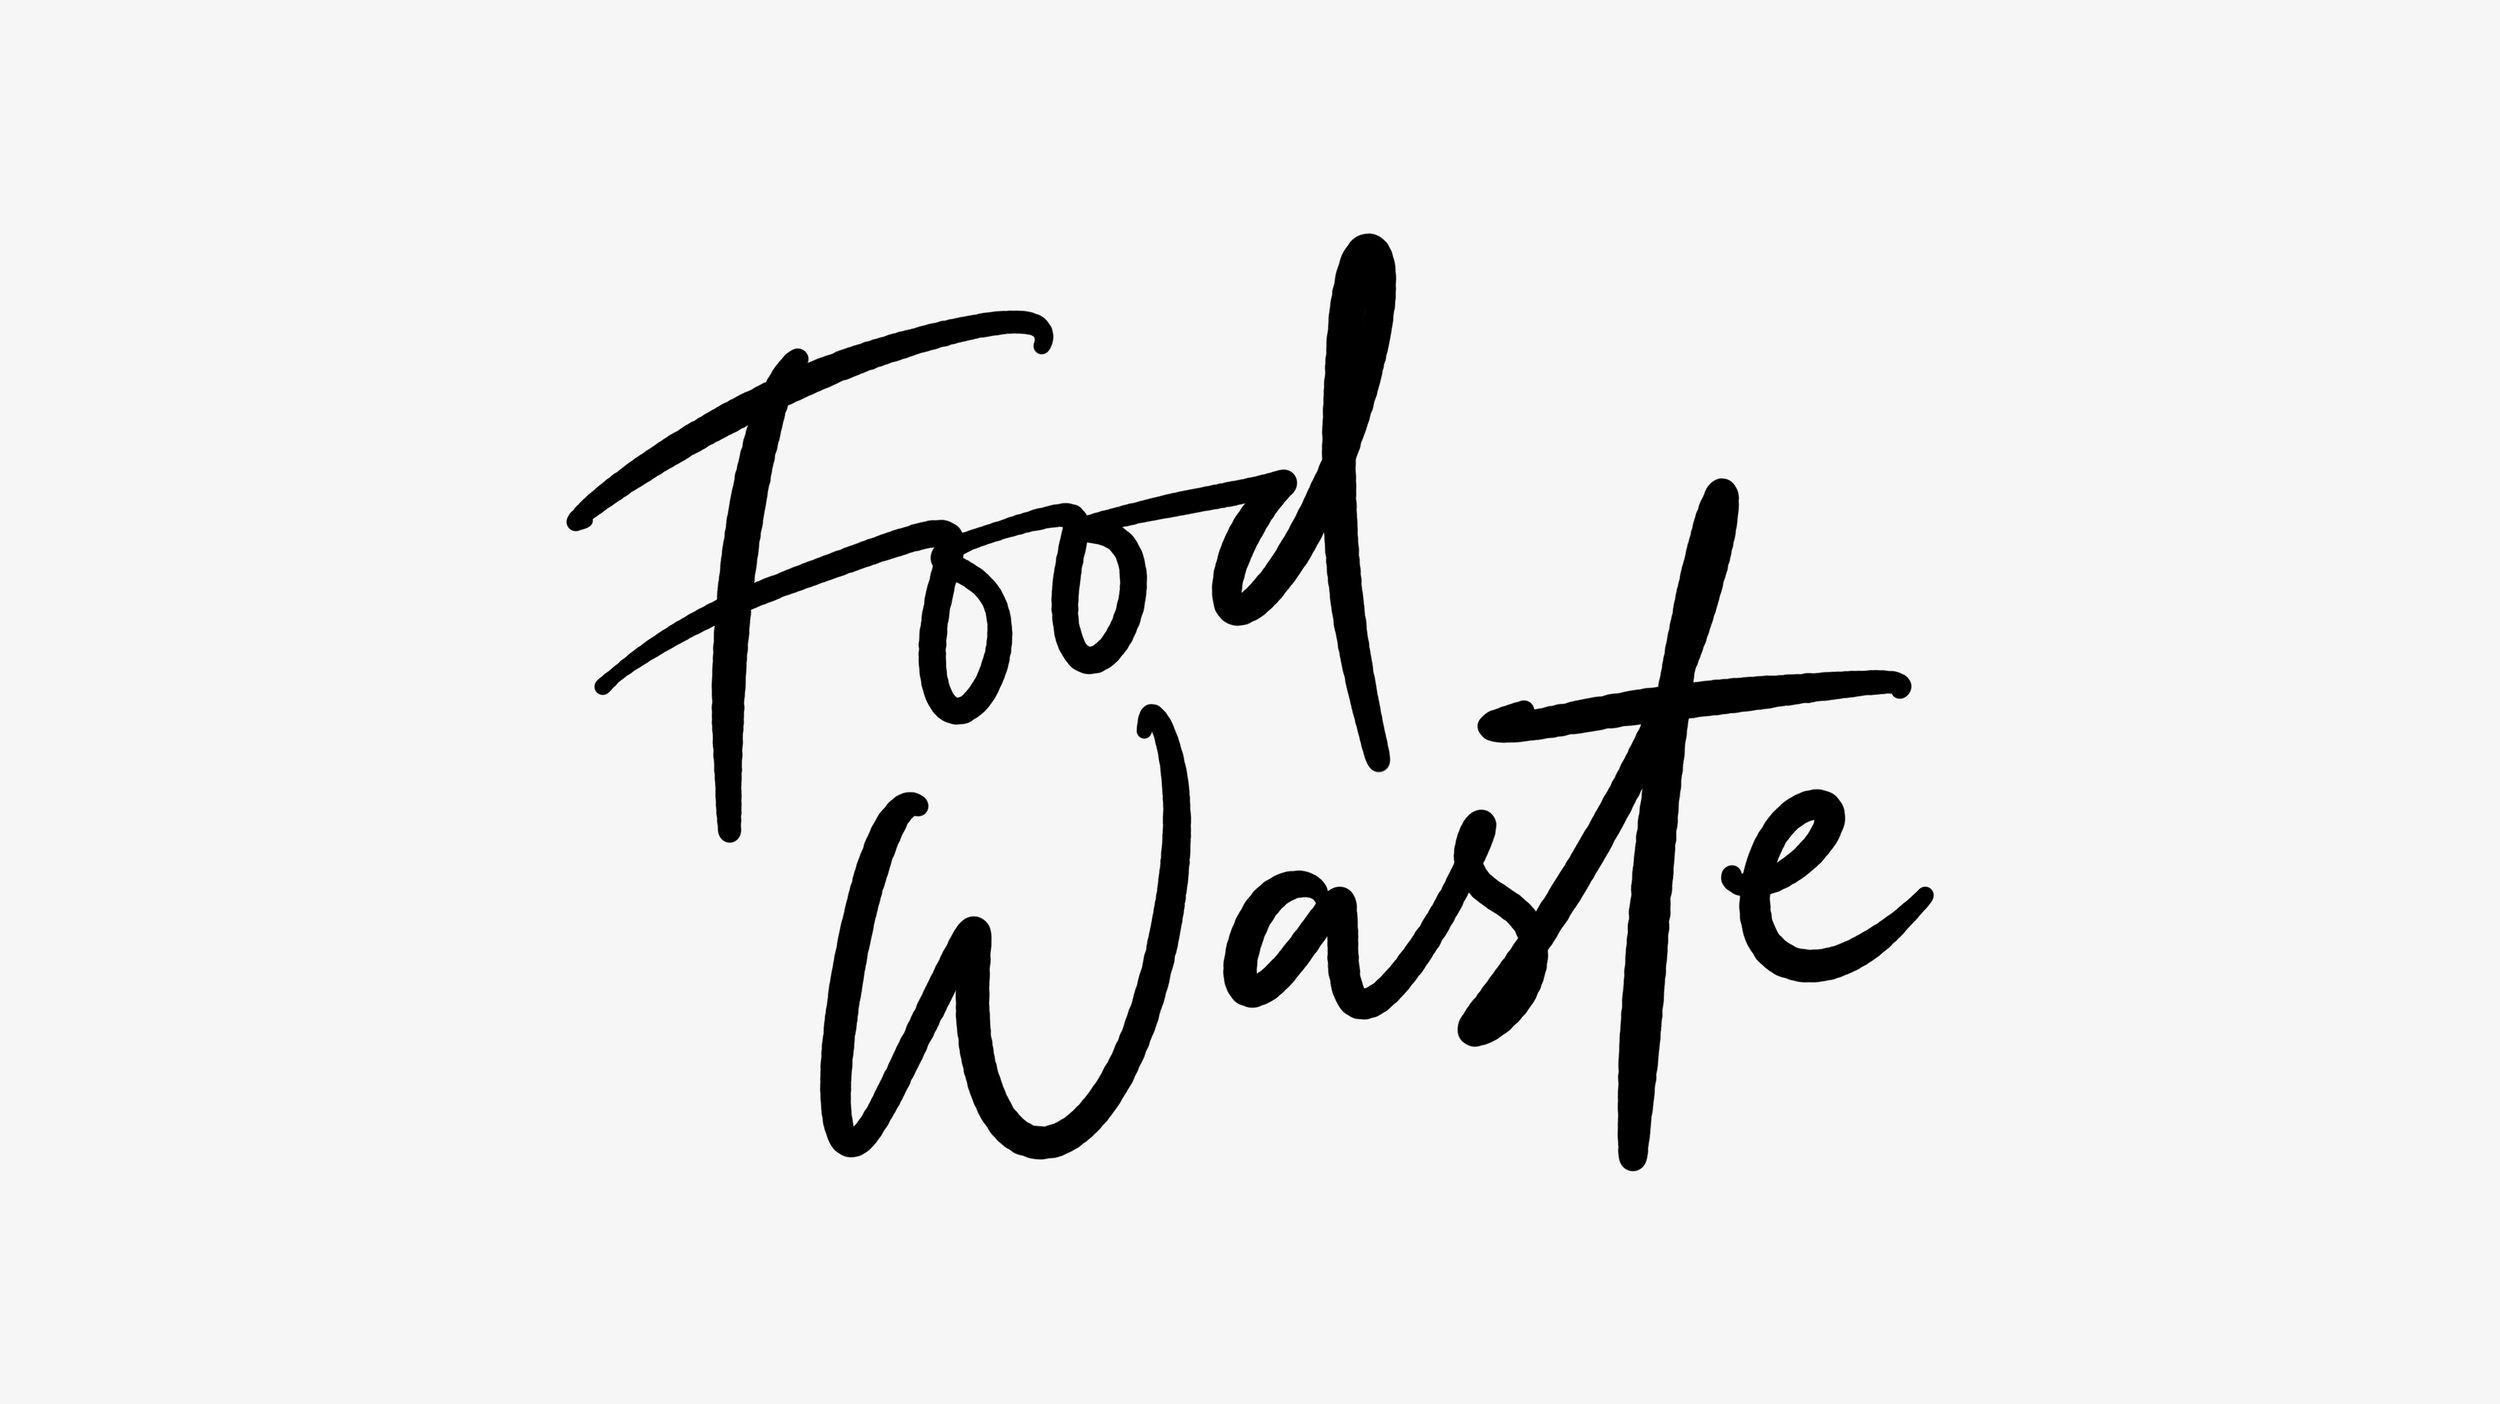 SC_Food Waste.jpg